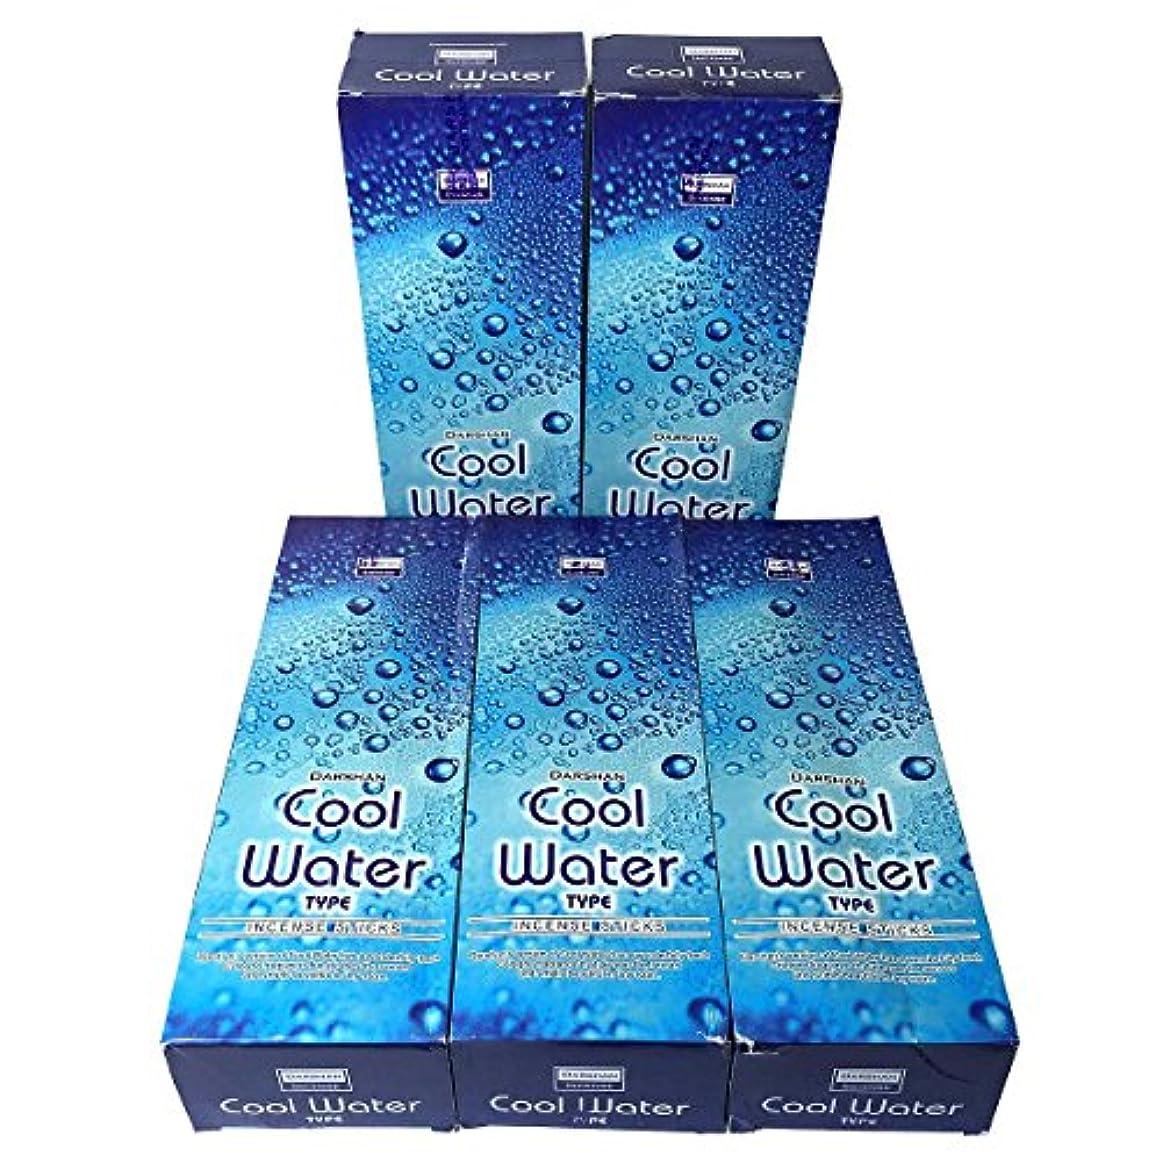 認可ペア苦いクールウォーター香スティック 5BOX(30箱)/DARSHAN COOL WATER/ インド香 / 送料無料 [並行輸入品]